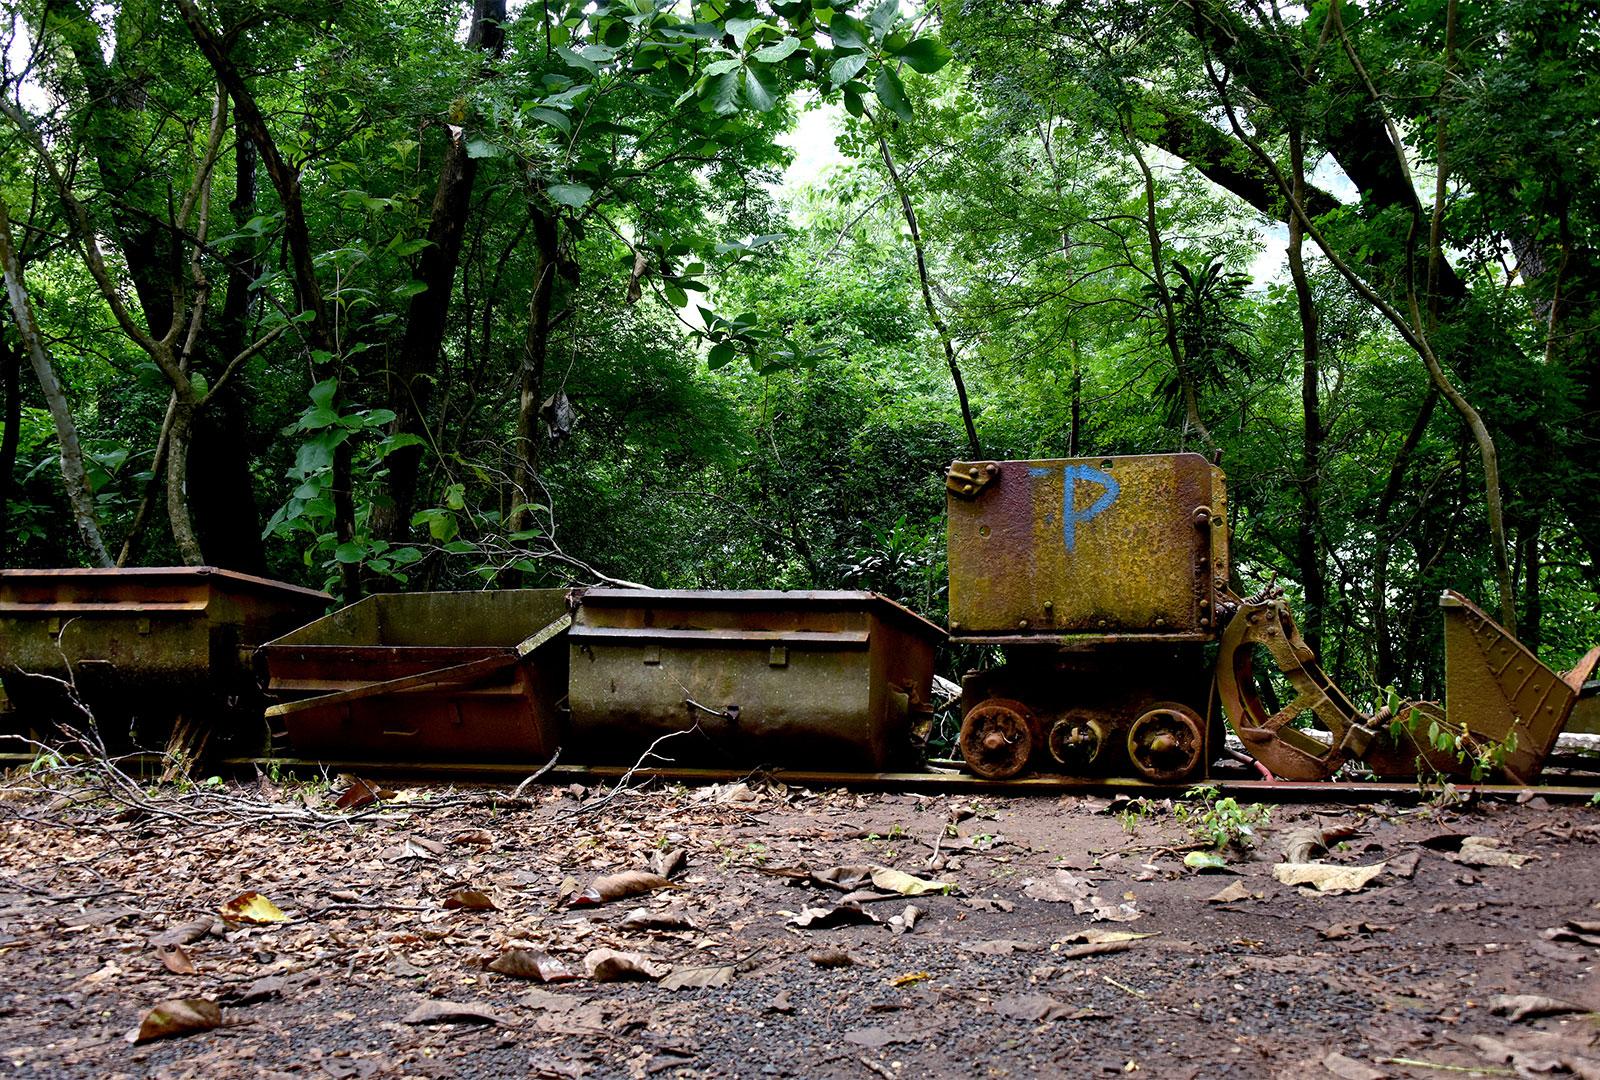 Resultado de imagen para procesos antiguos para extraer oro  en las minas, costa rica